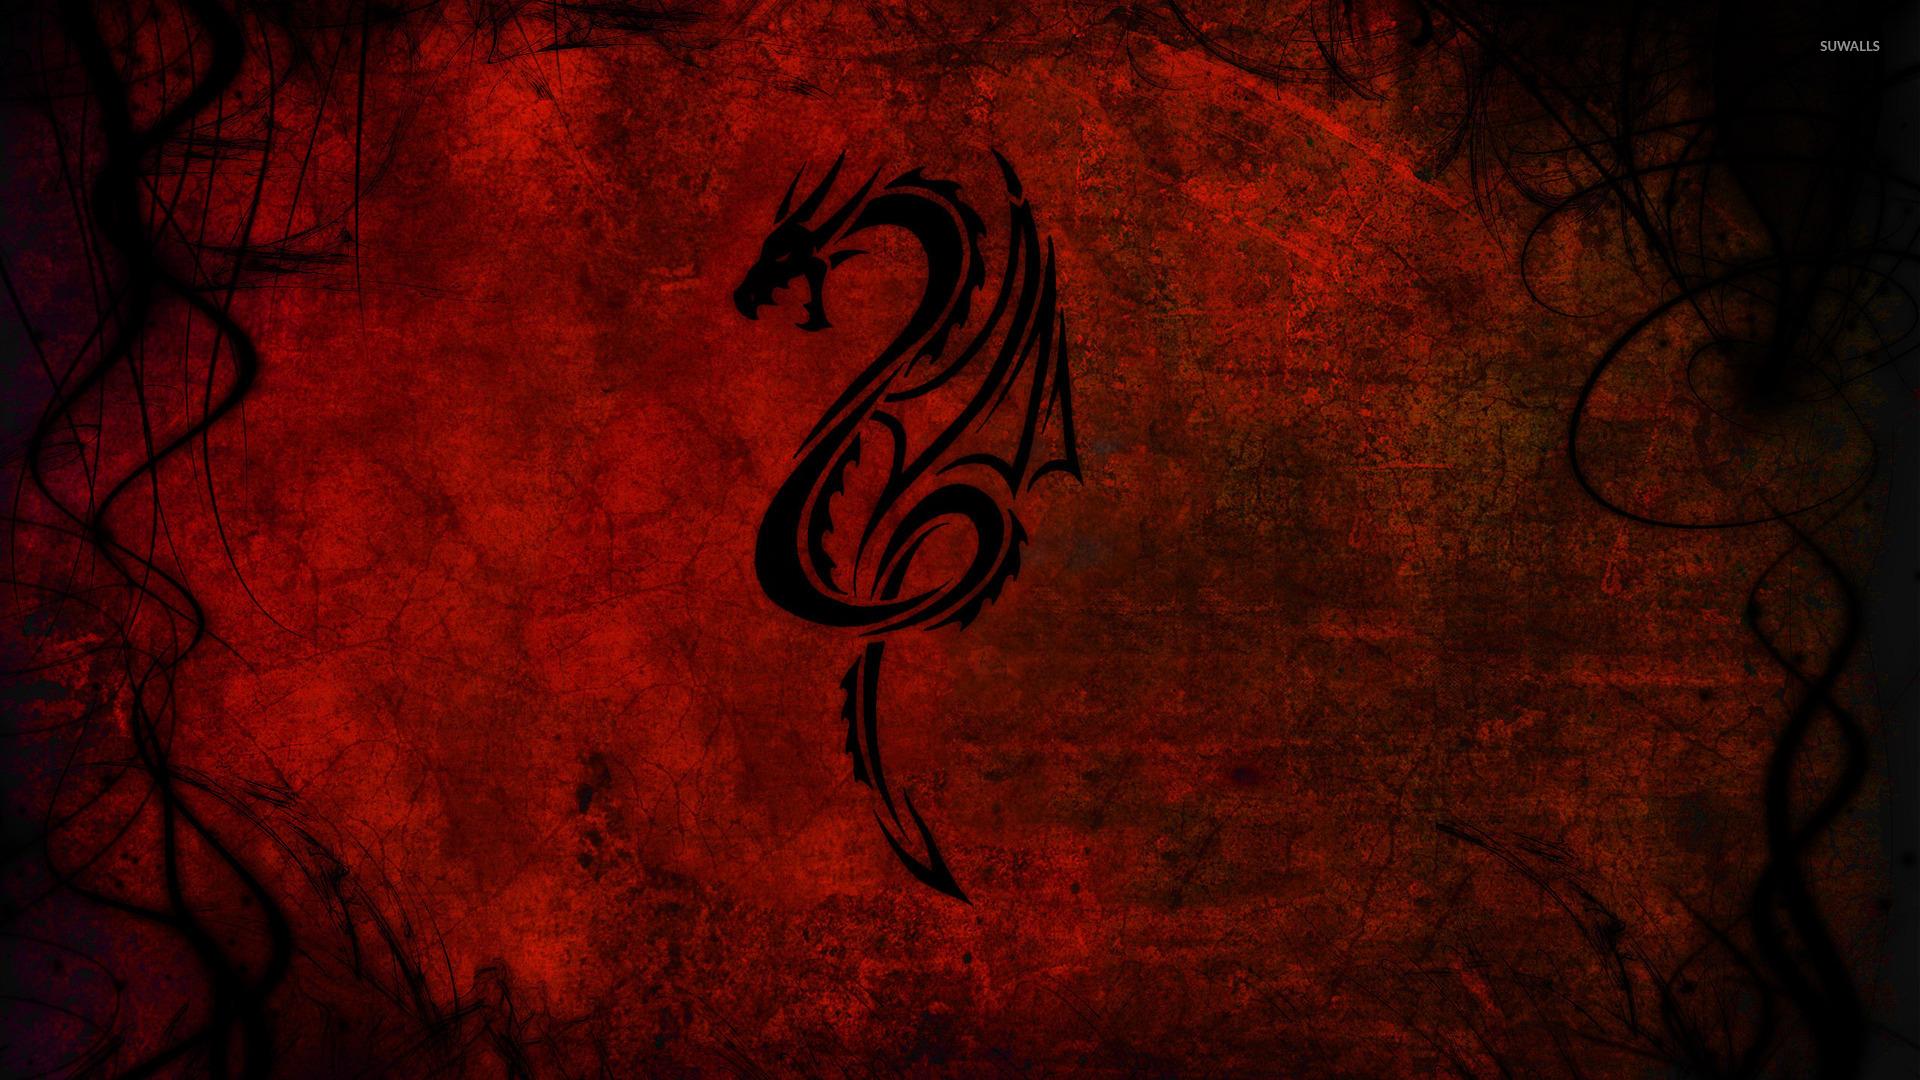 Tribal dragon tattoo on a red wall wallpaper - Digital Art ...